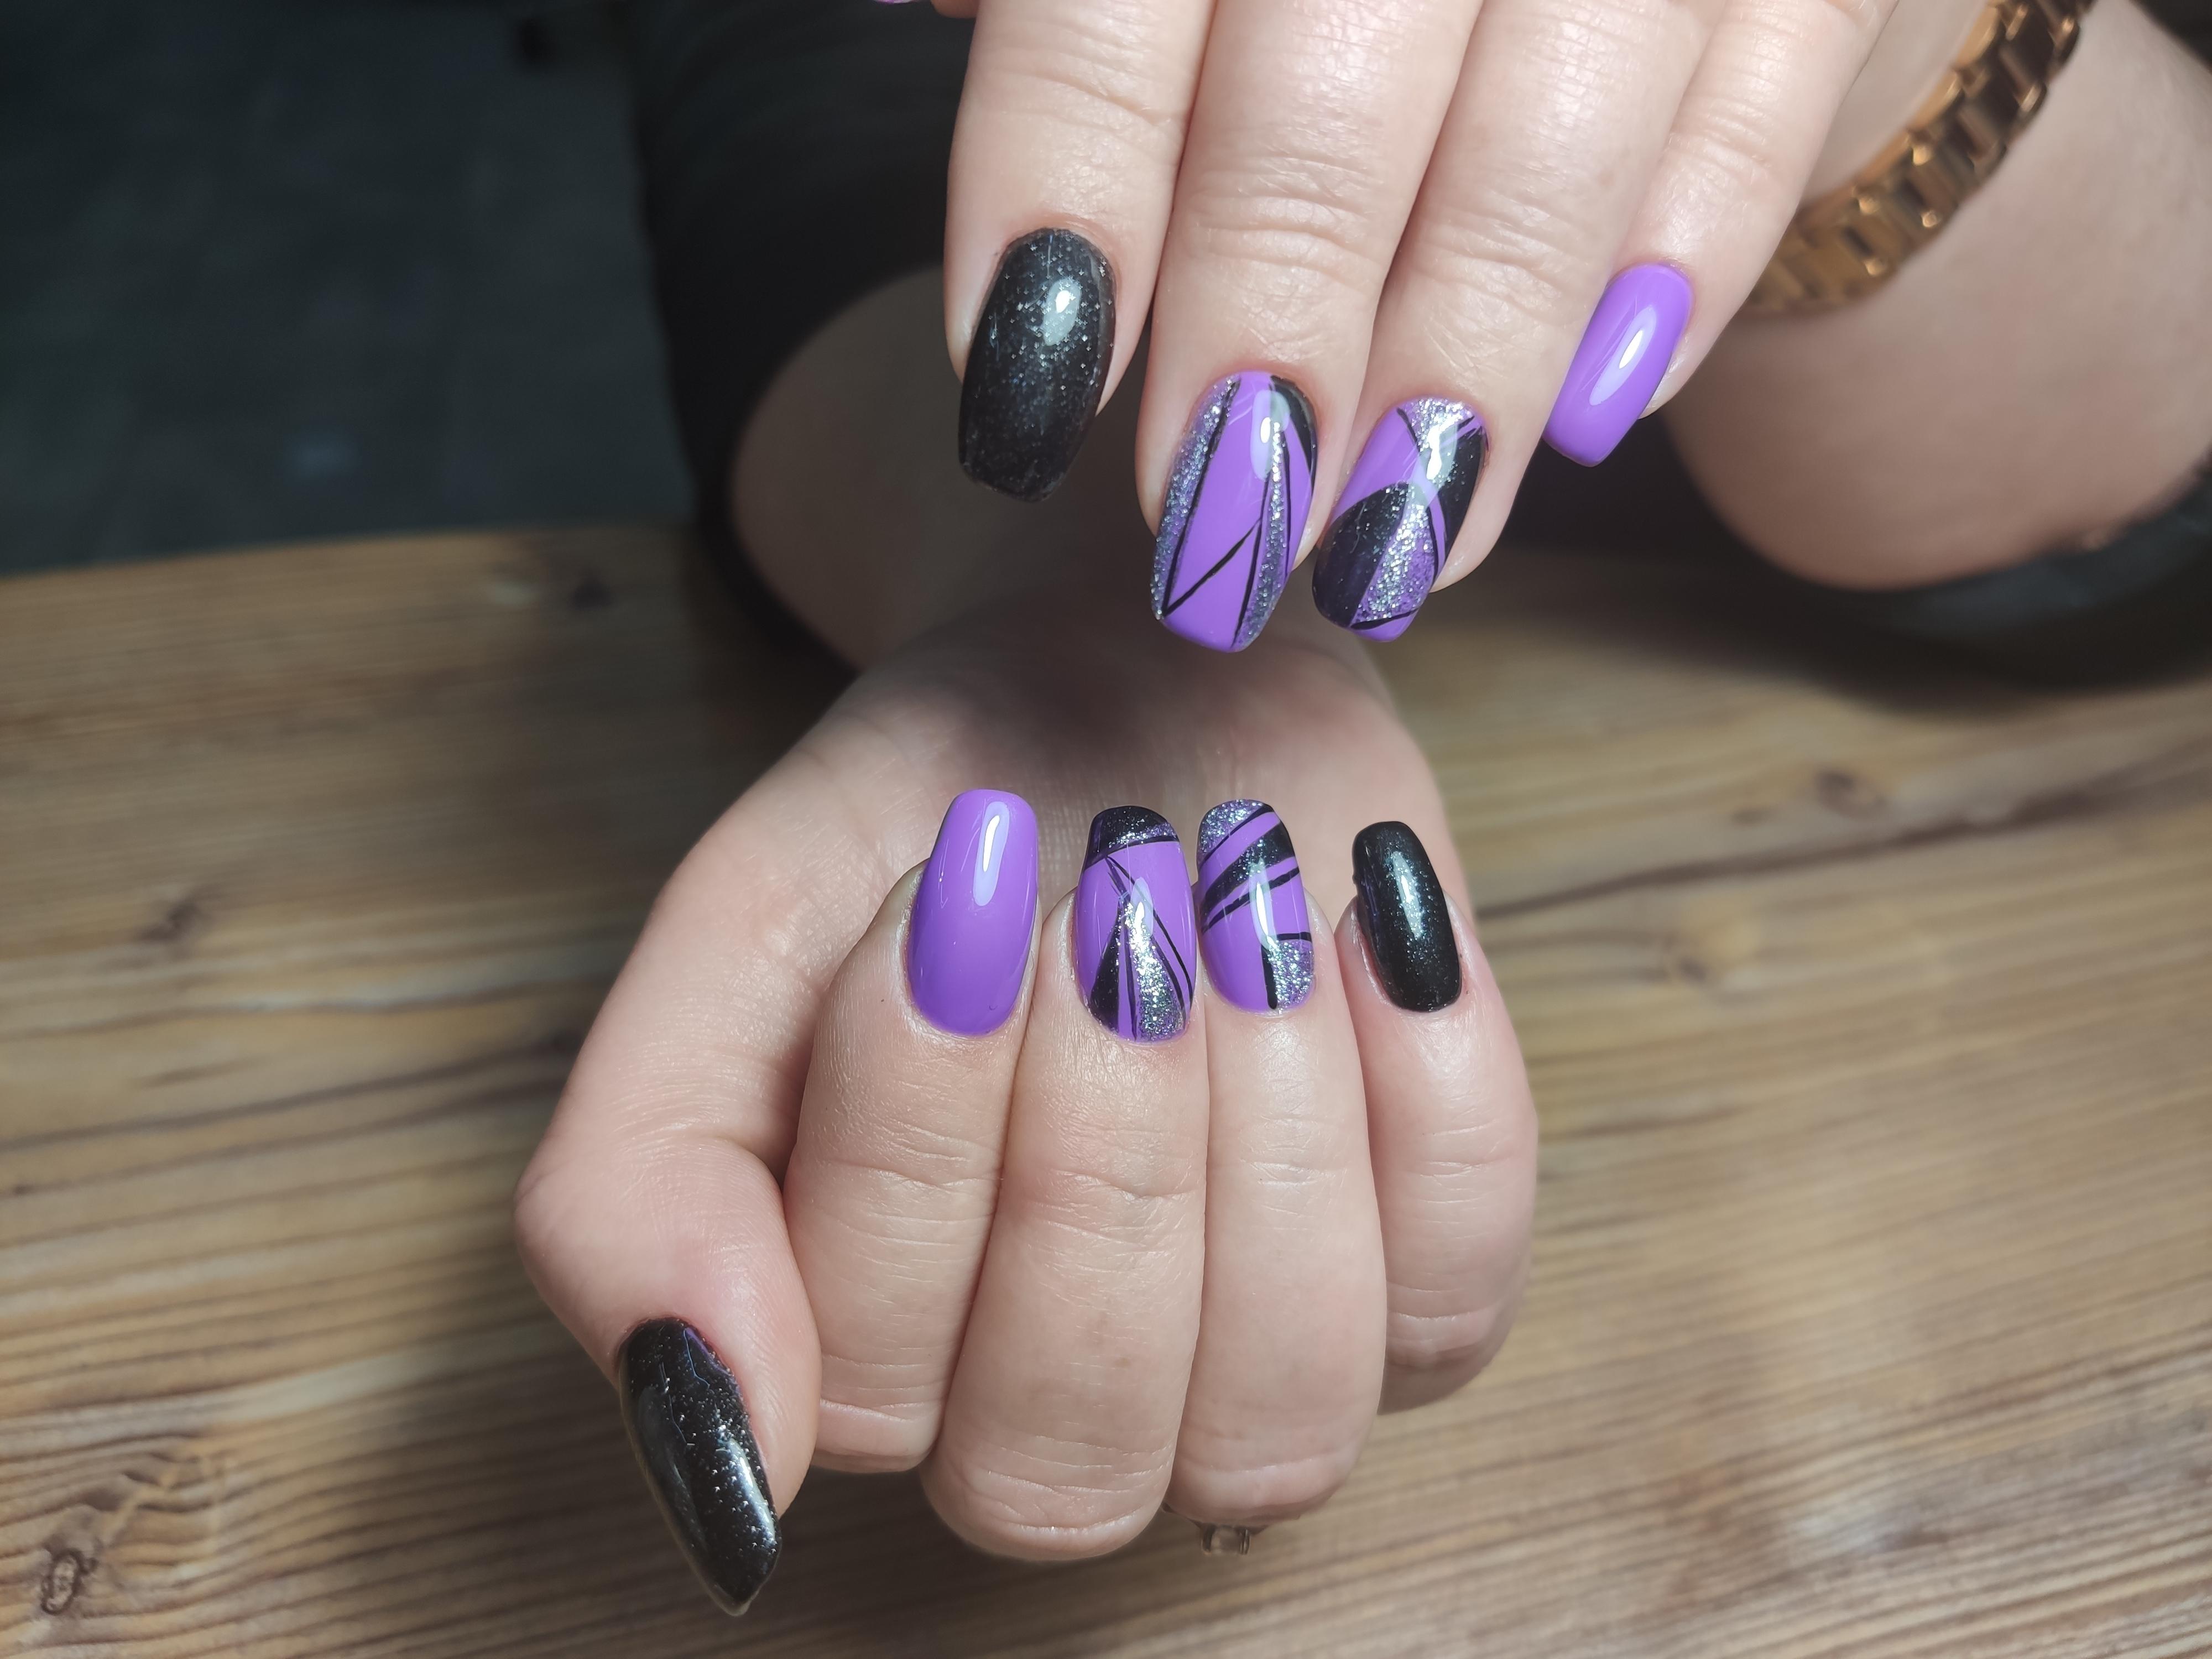 Геометрический маникюр с серебряными блестками в фиолетовом цвете.